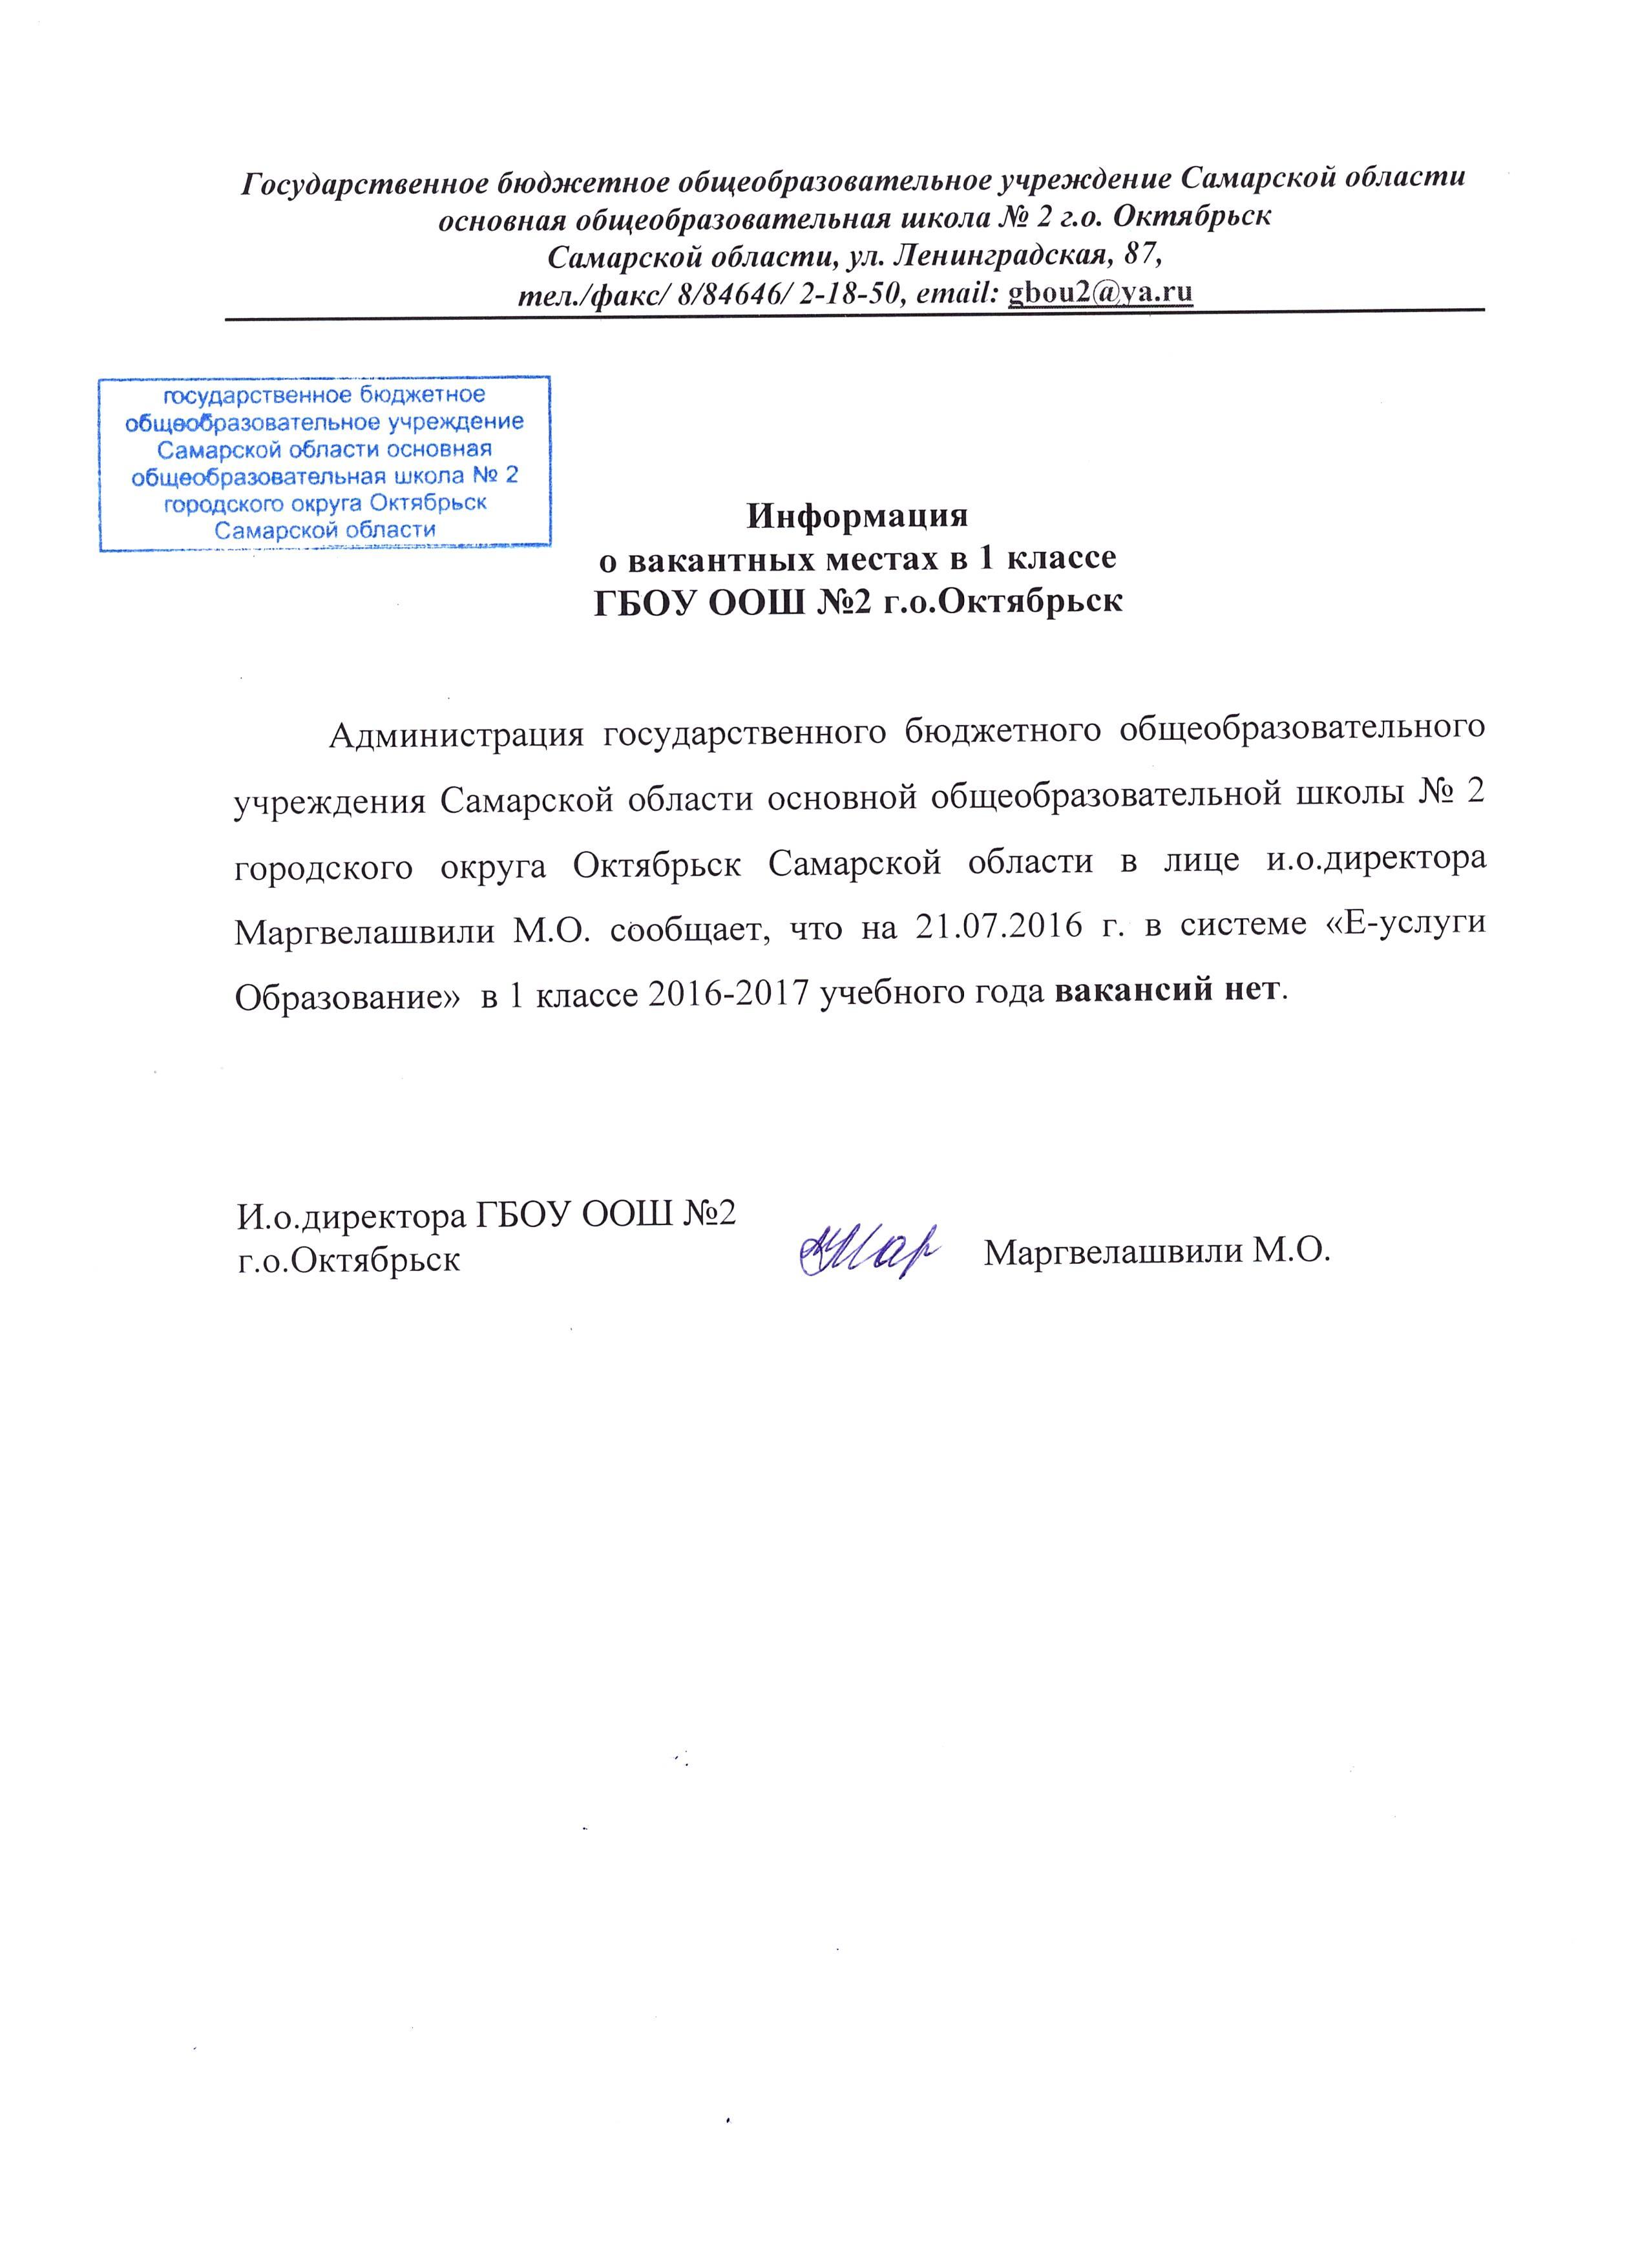 Информация о вакансиях в 1 классе 2016-2017 уч.г.